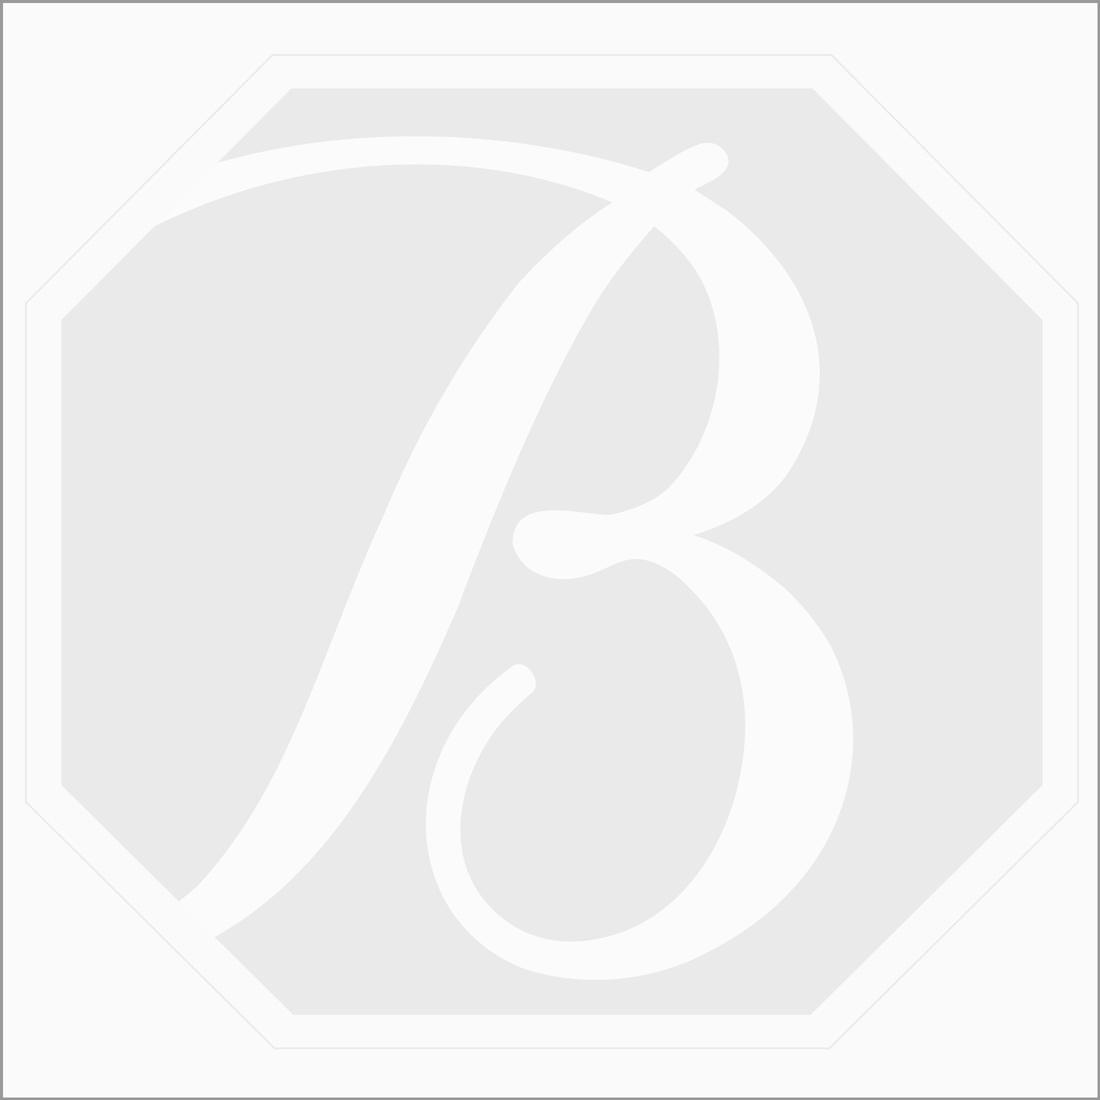 5 Pcs - 13.82 ct. - Green Tourmaline Rose Cut -10.3 x 9.5 x 3.1 mm to 13.6 x 10.4 x 2.5 mm (TRC1093)